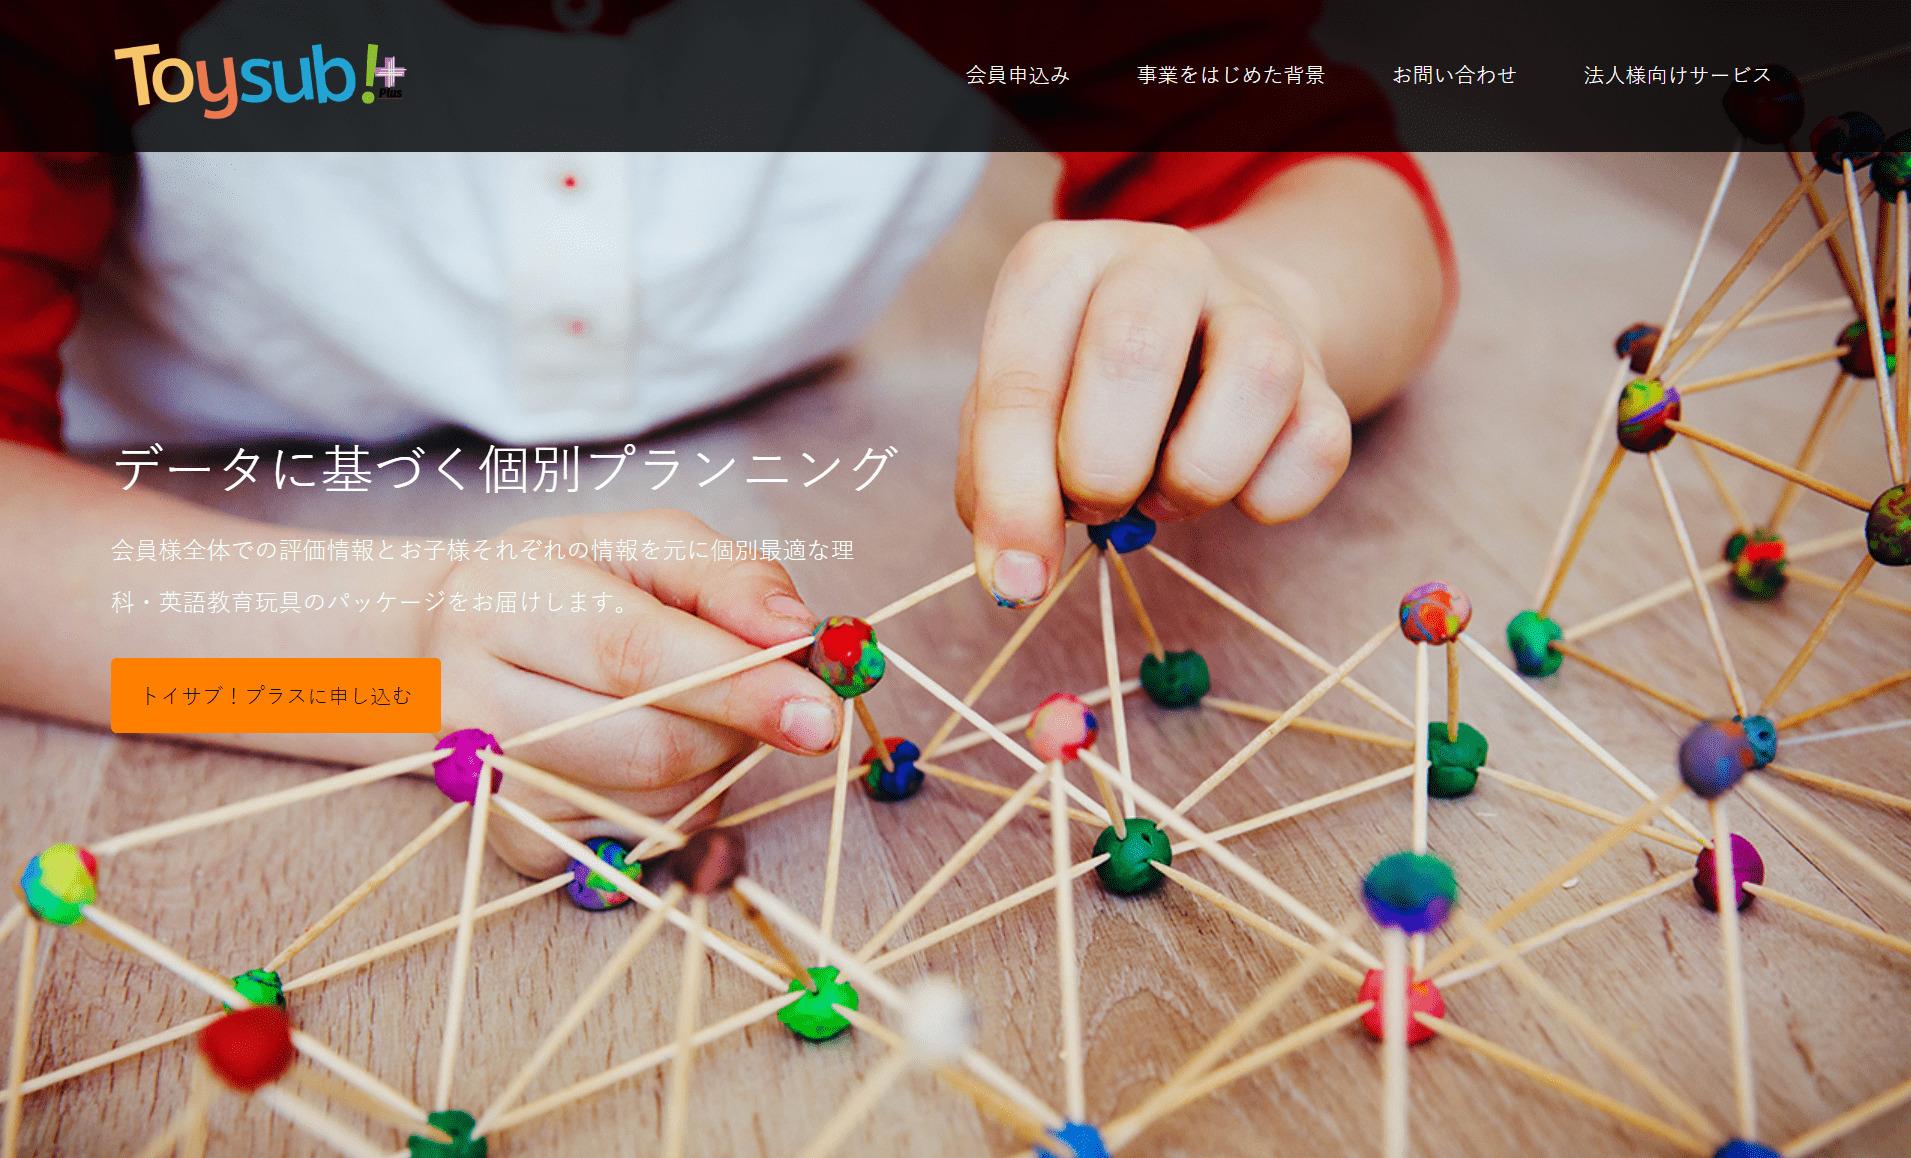 教育玩具のサブスクリプション「トイサブ!」が4歳から8歳向けサービスを開始